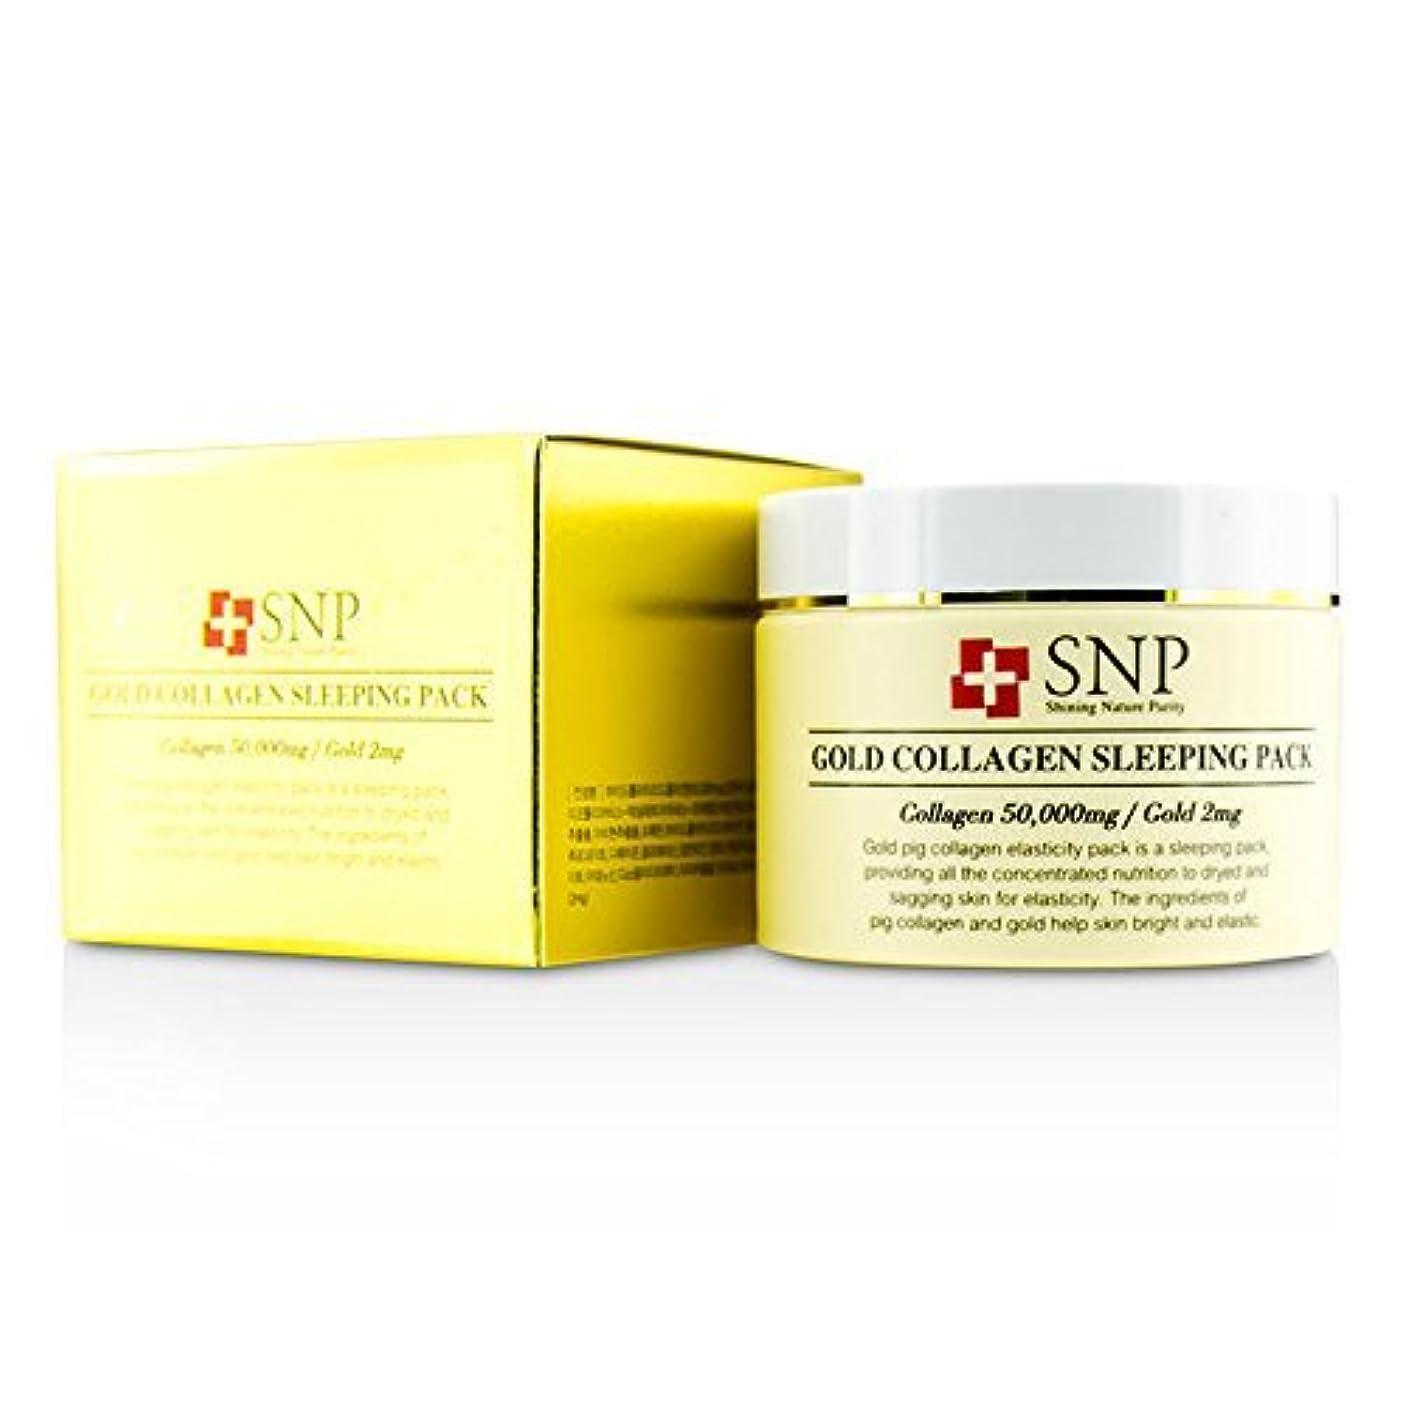 隠すリル遺体安置所SNP ゴールドコラーゲン スリーピングパック Gold Collagen Sleeping Pack - Elasticity 100g/3.5oz 睡眠パック [並行輸入品]